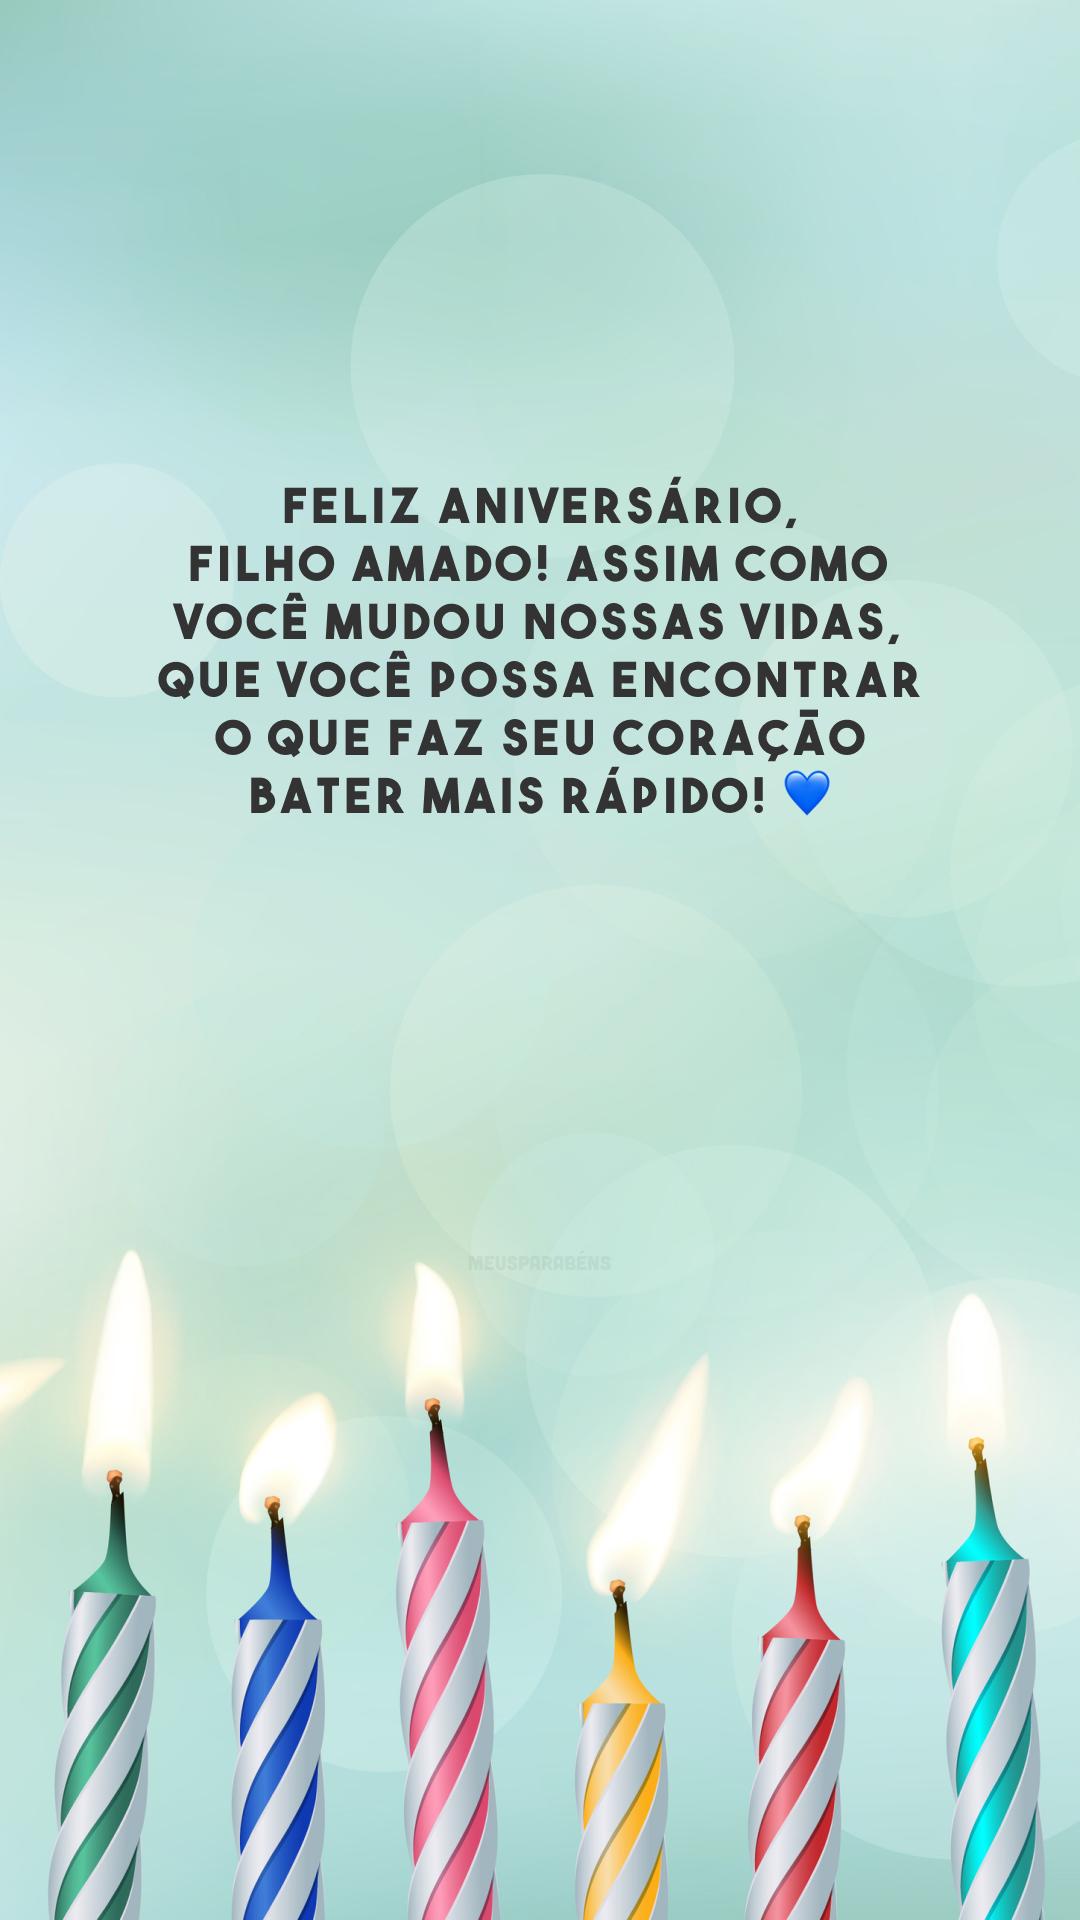 Feliz aniversário, filho amado! Assim como você mudou nossas vidas, que você possa encontrar o que faz seu coração bater mais rápido! 💙